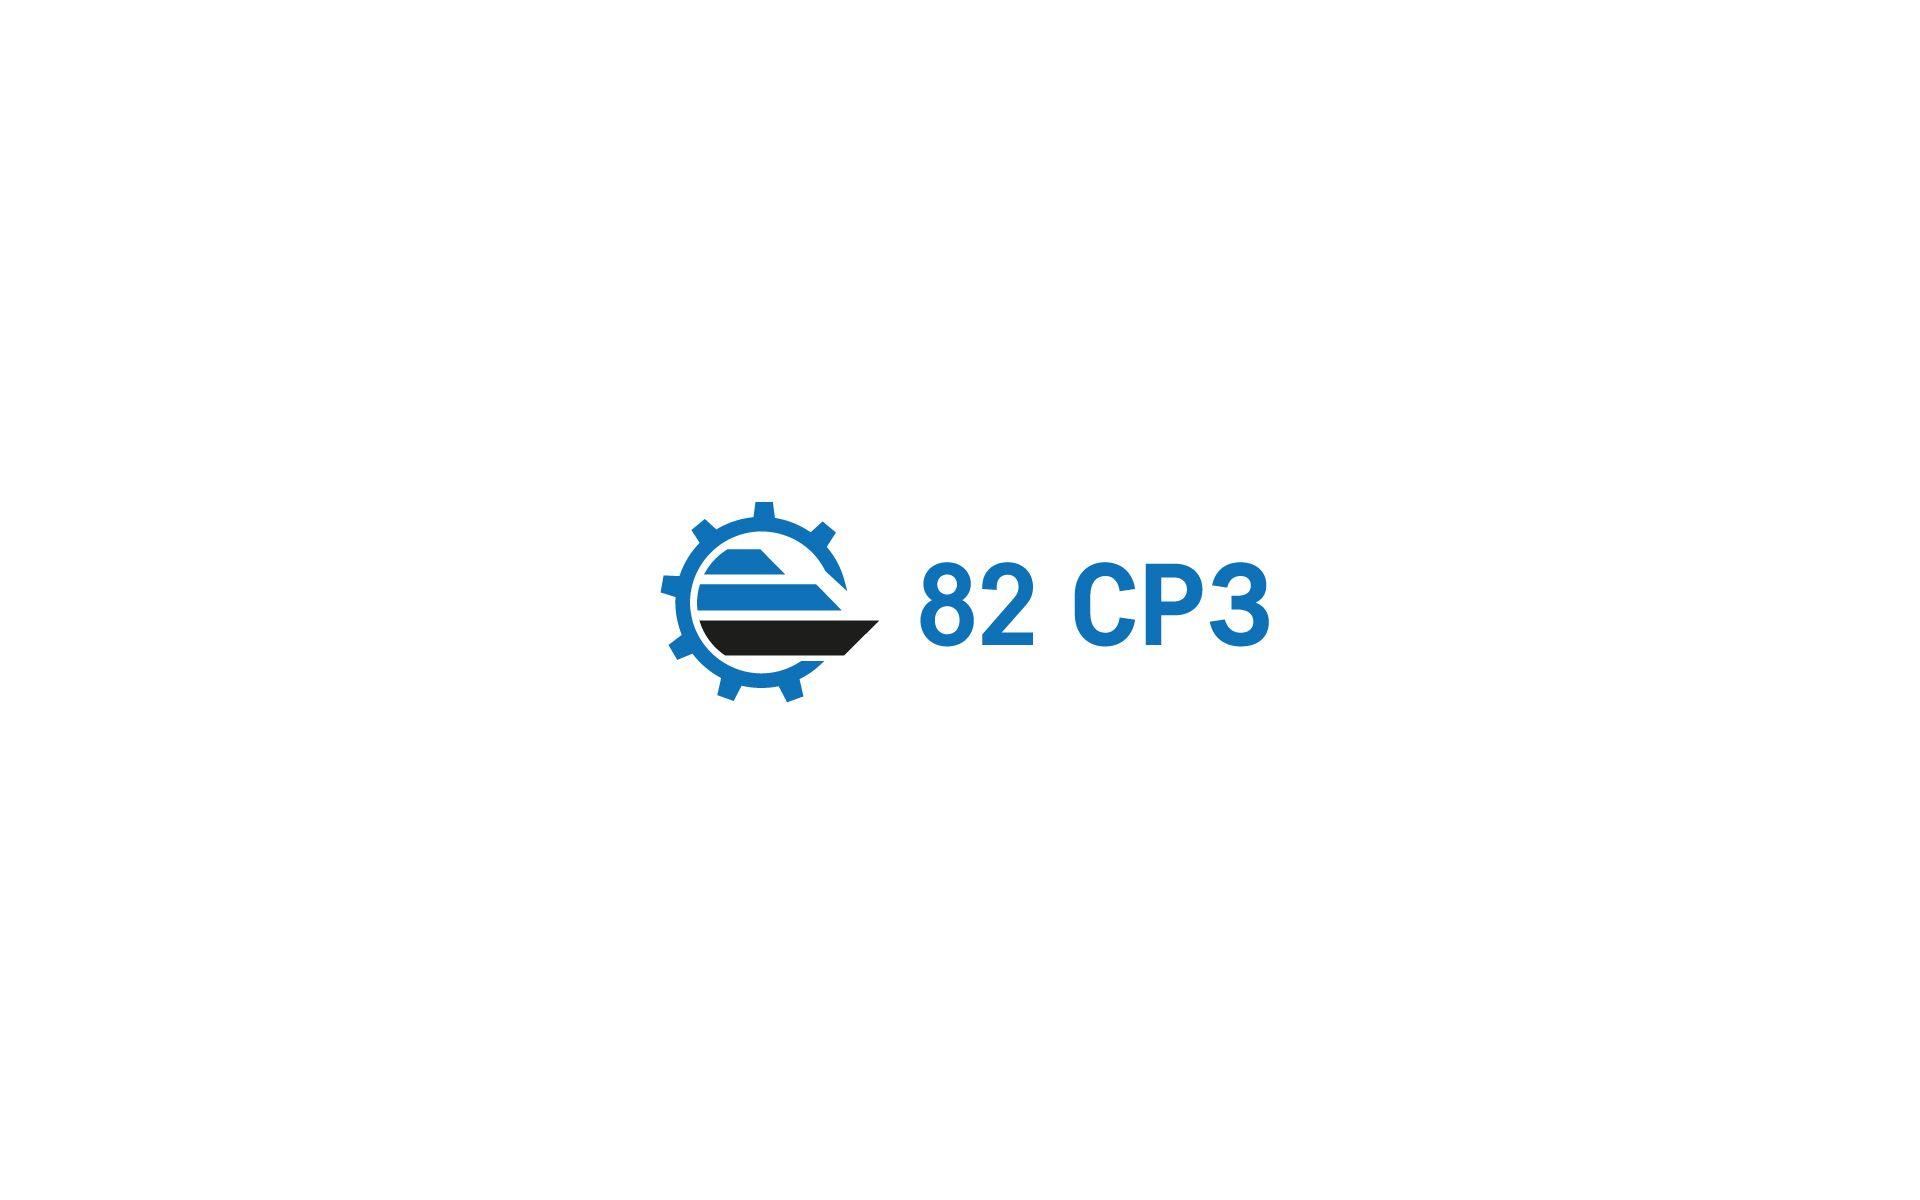 Логотип для судоремонтного завода - дизайнер U4po4mak